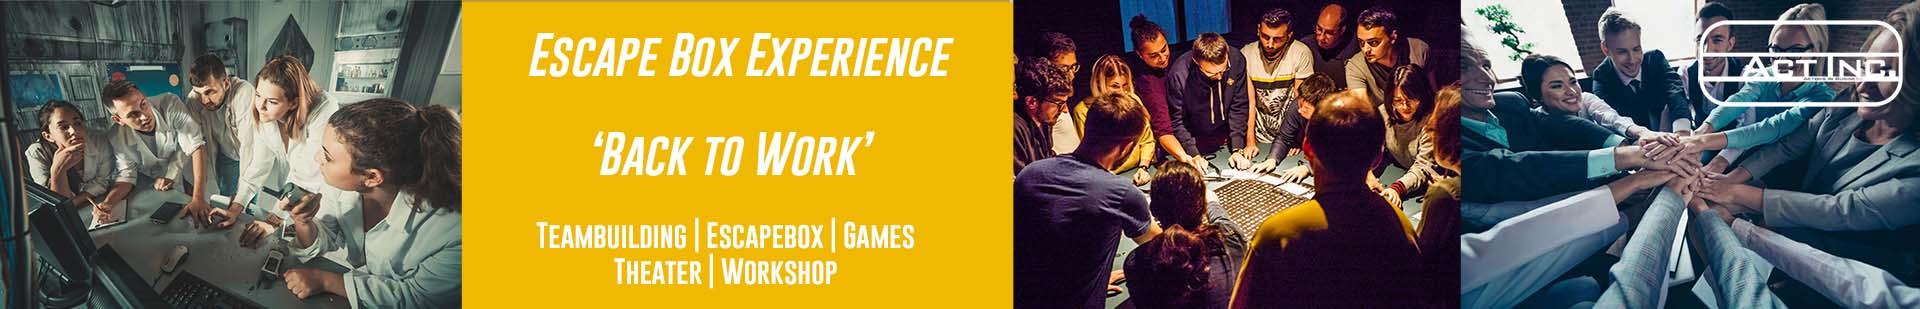 Escape-Box-Experience-banner